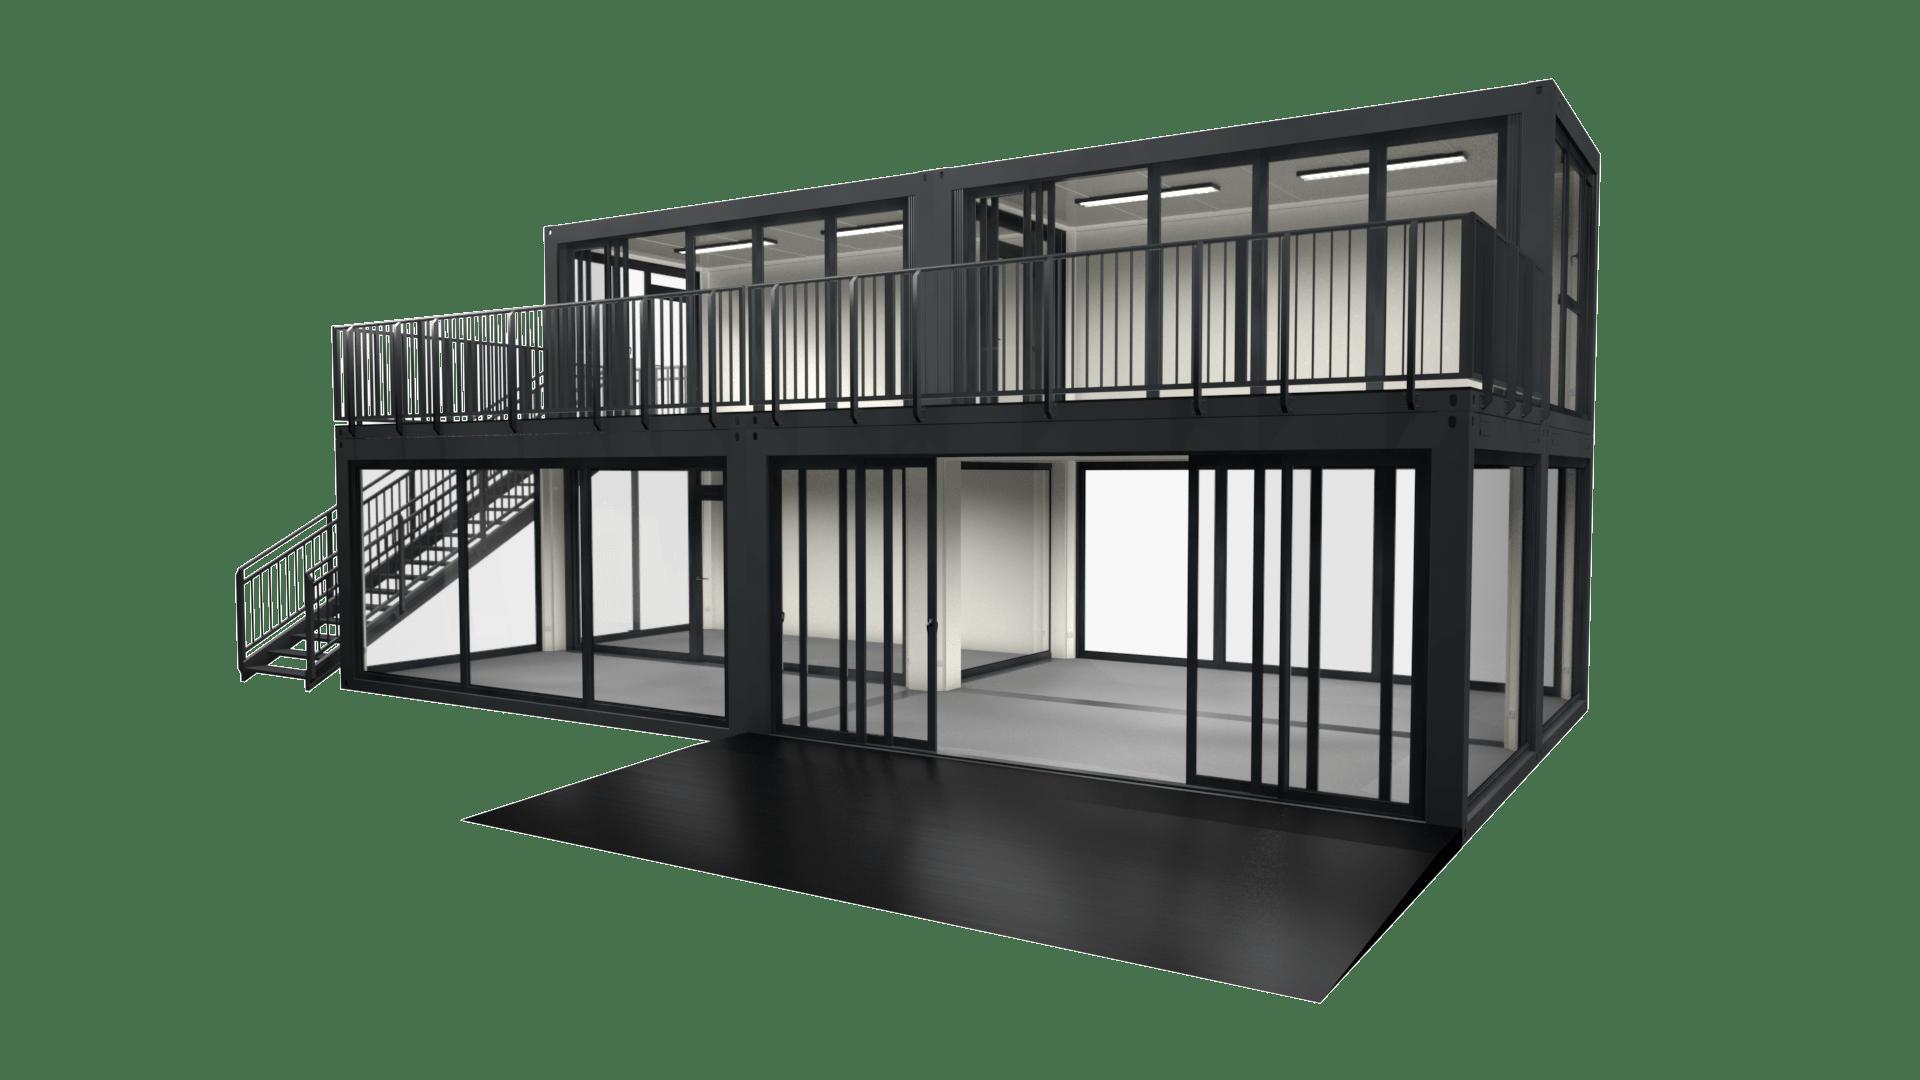 Container Modul M 31 ist eine Doppelstockanlage mit Dachterrasse